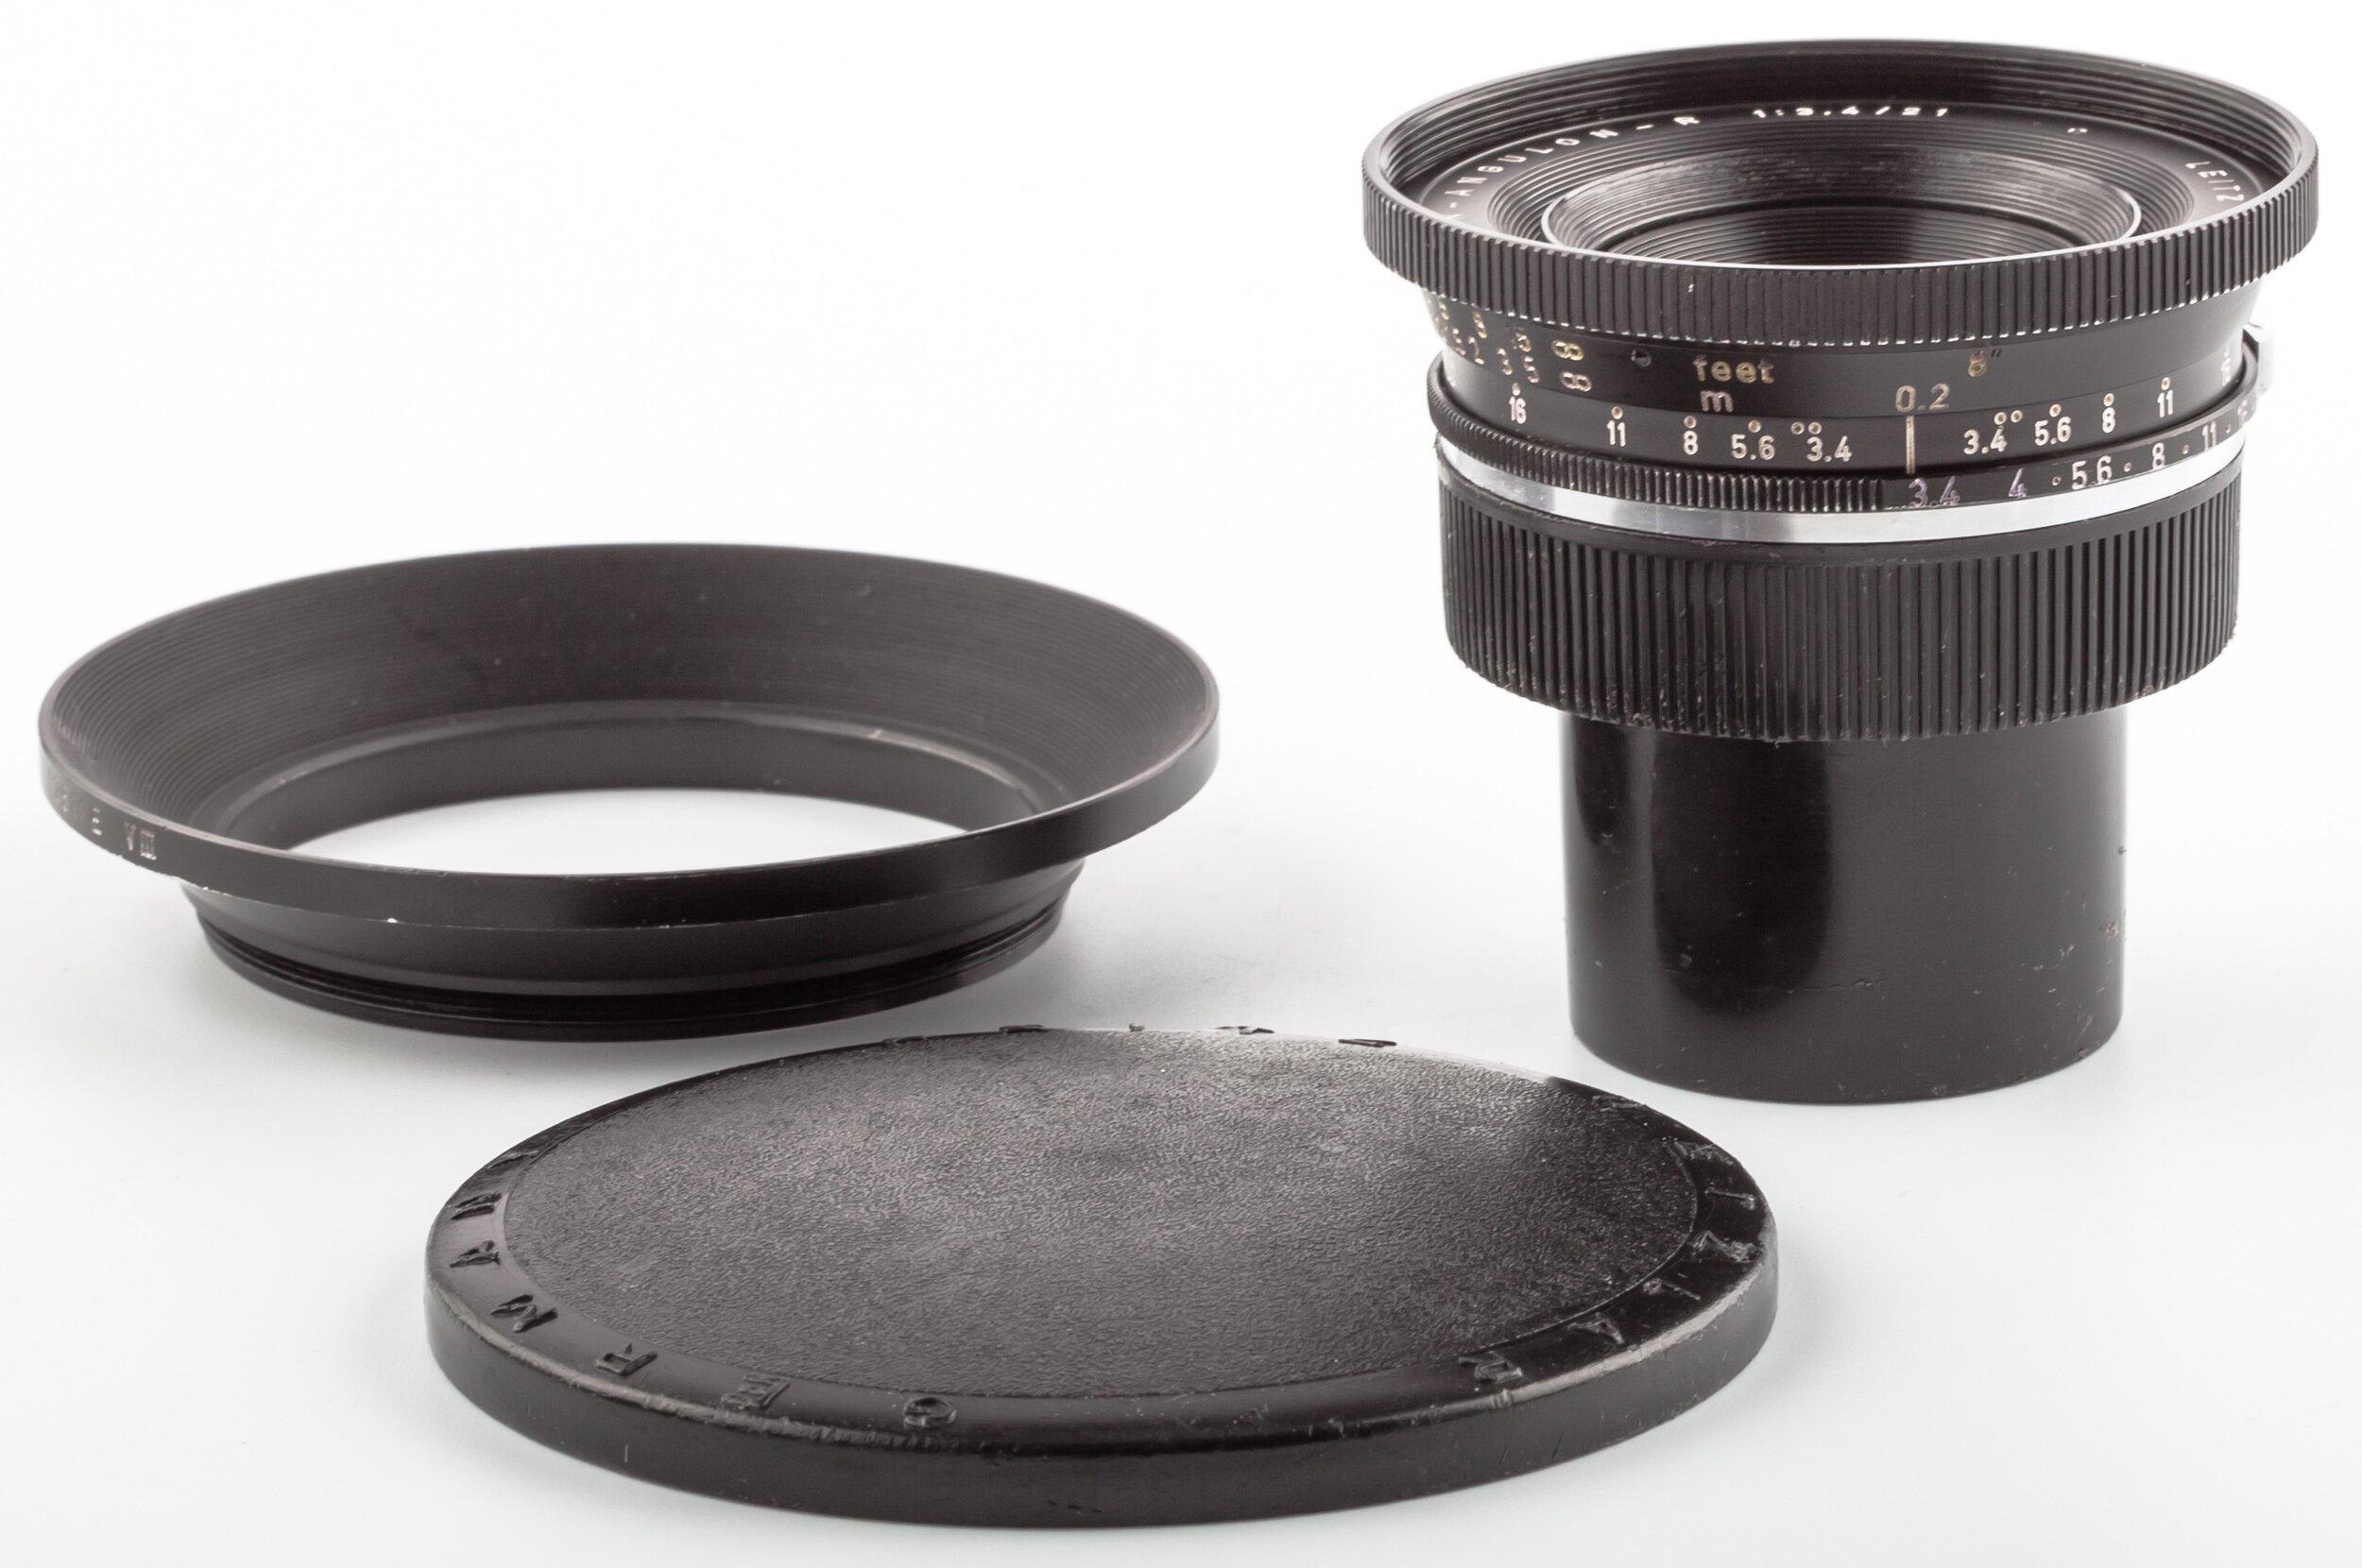 Leica Super-Angulon-R 3,4/21mm 11803